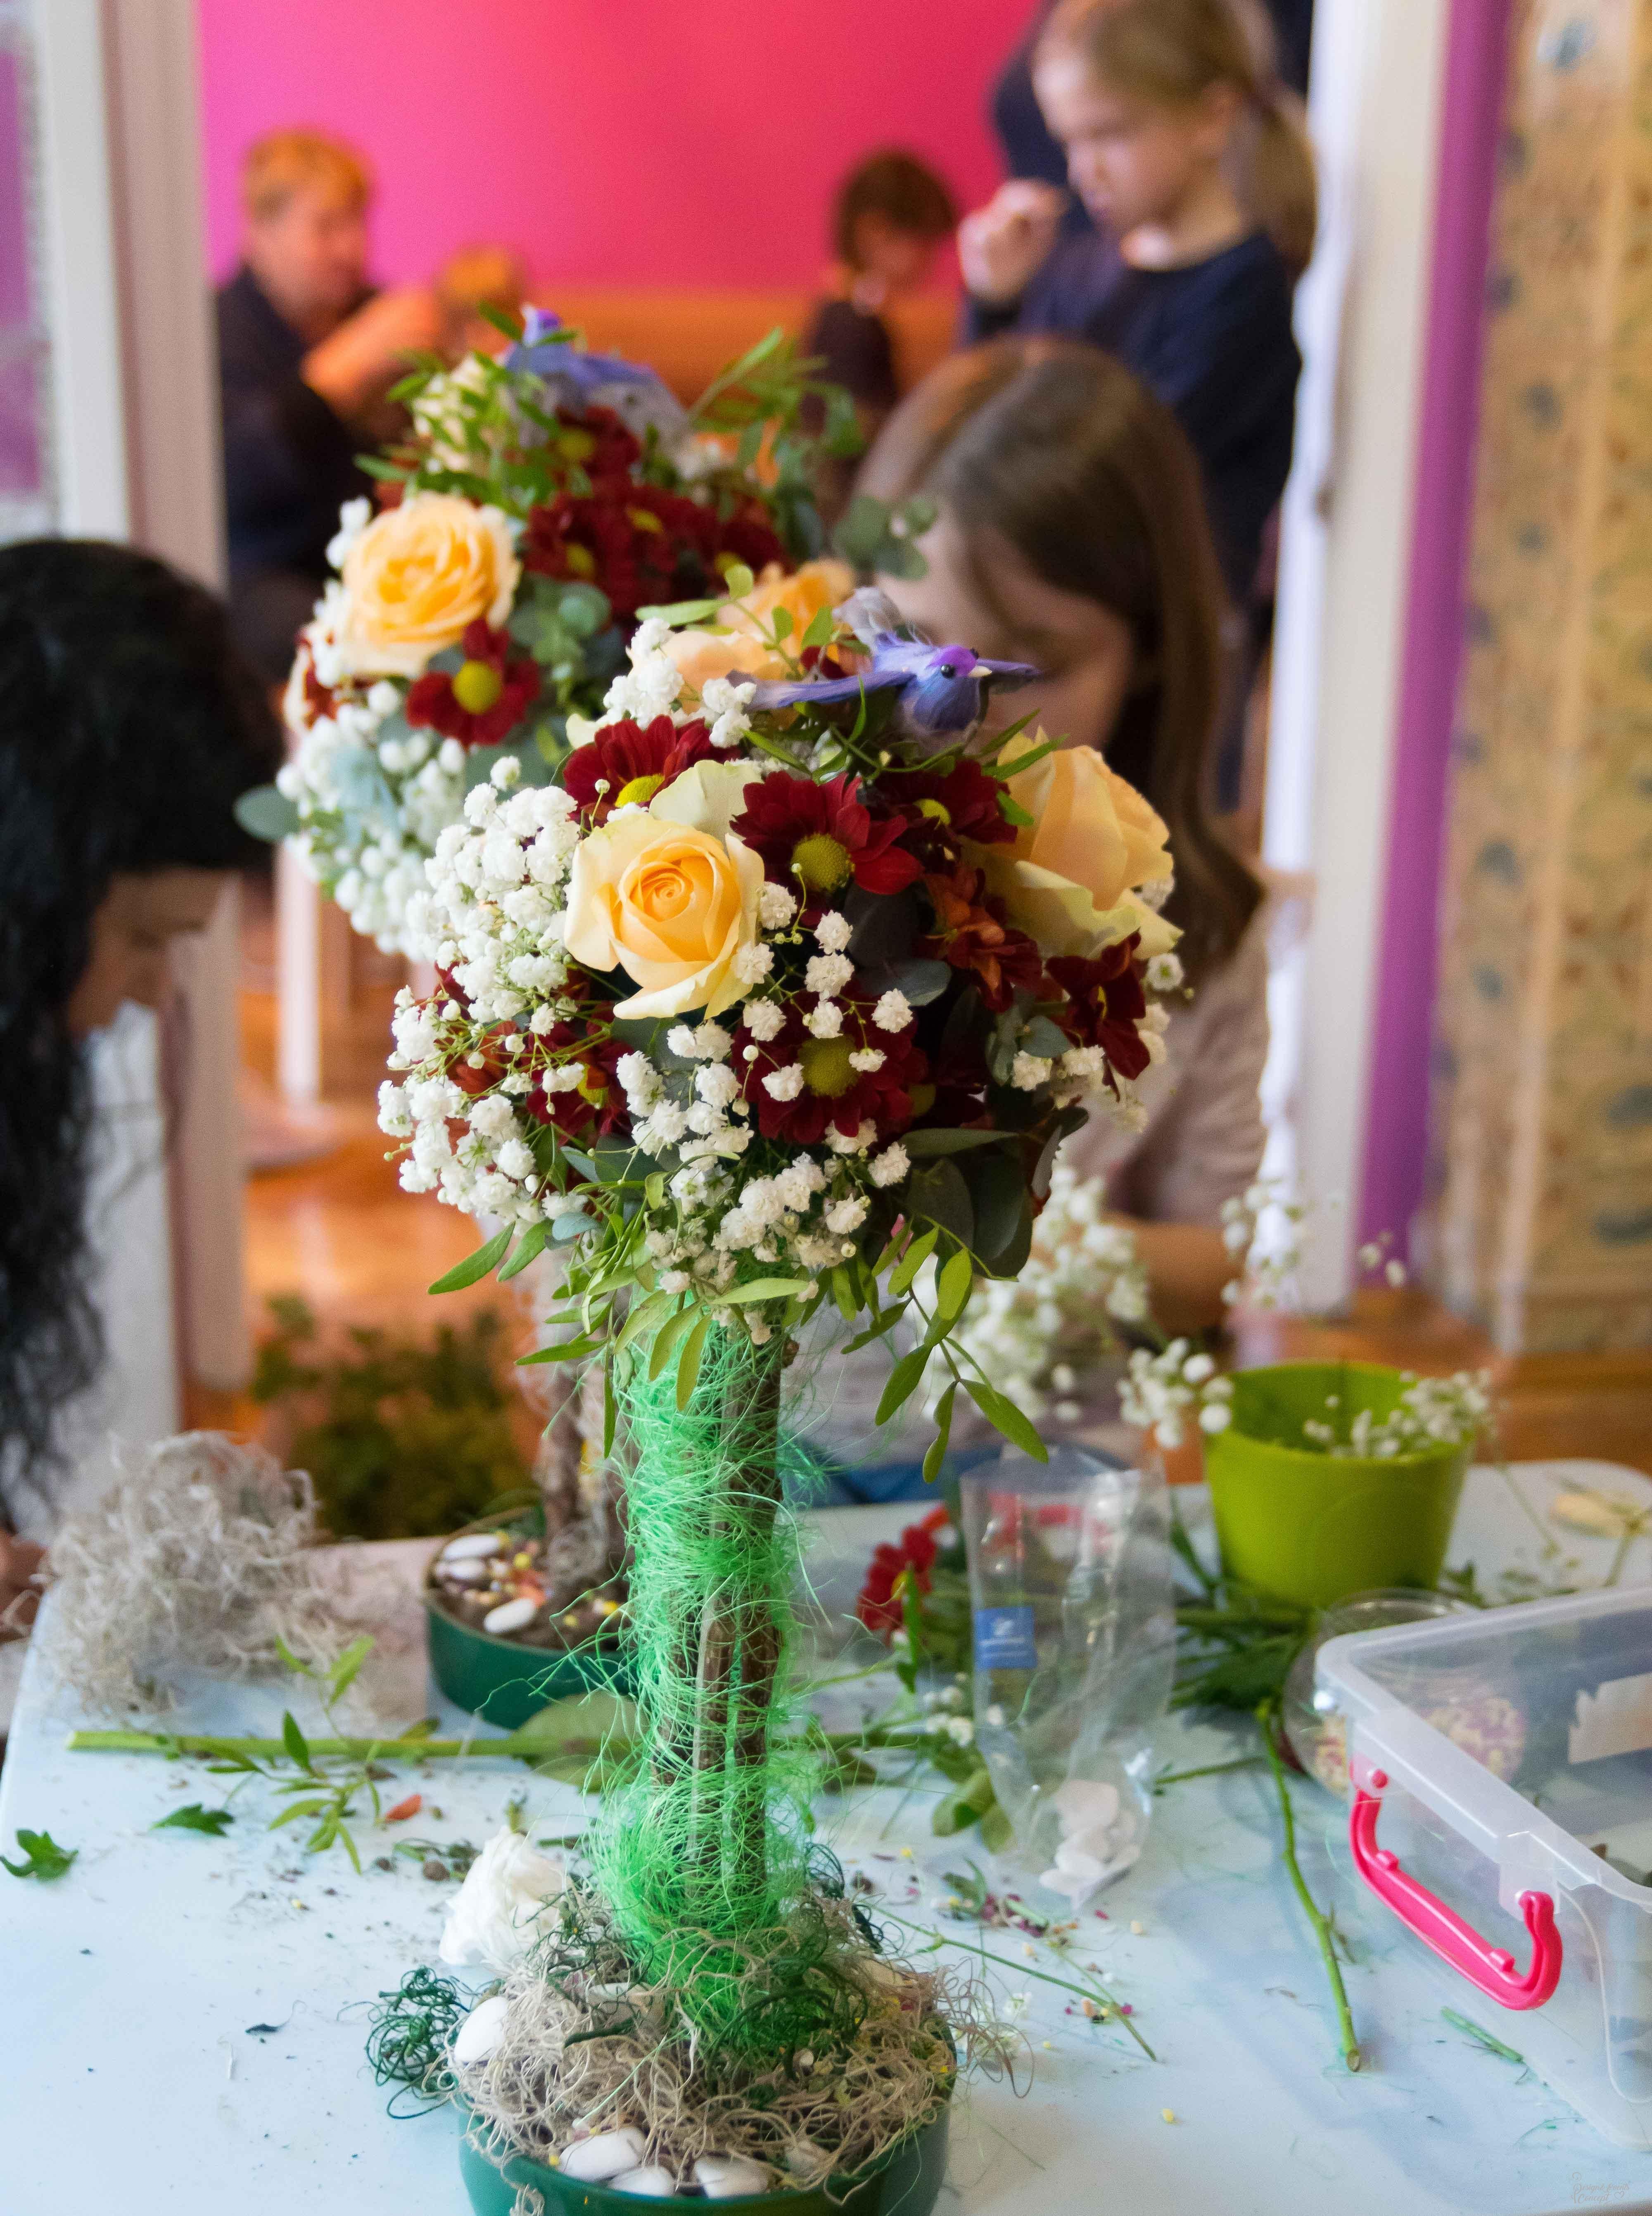 Atelier pomisor floral